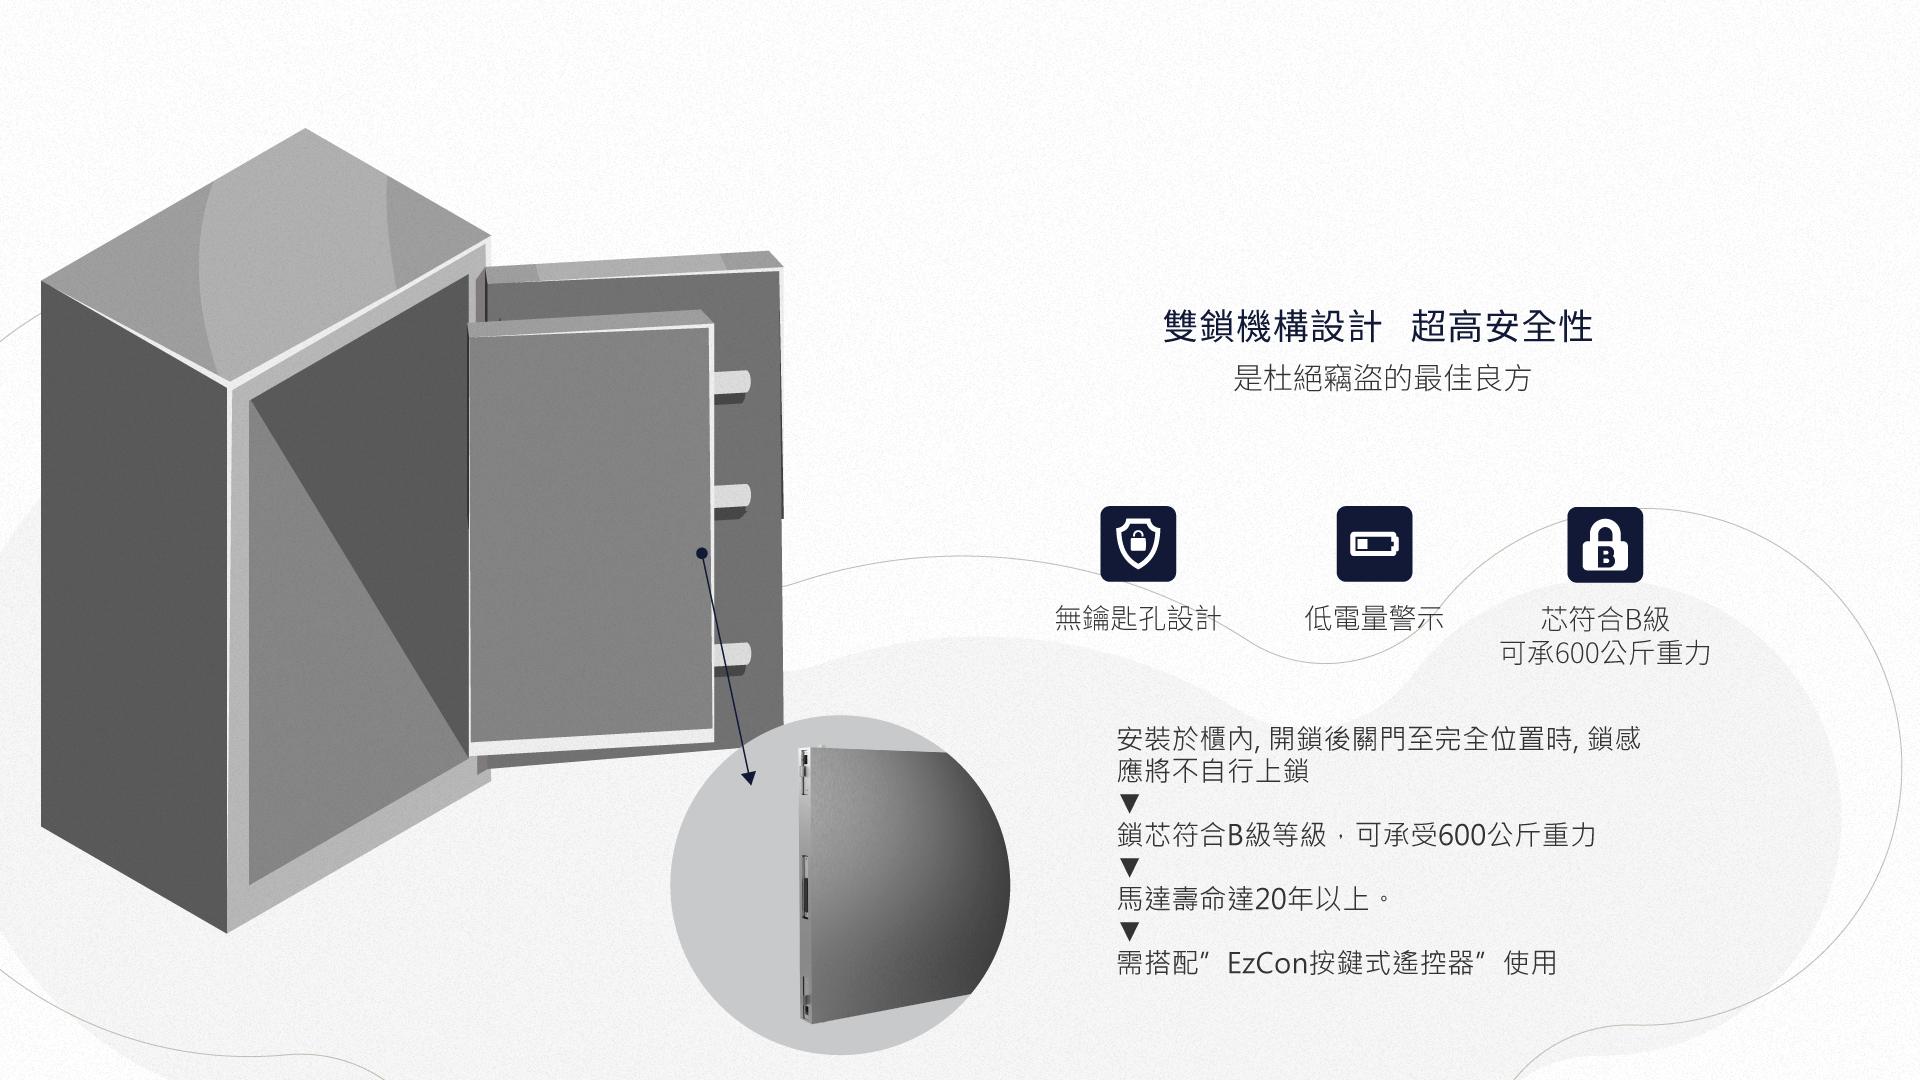 安装于柜内, 开锁后关门至完全位置时, 锁感应将不自行上锁